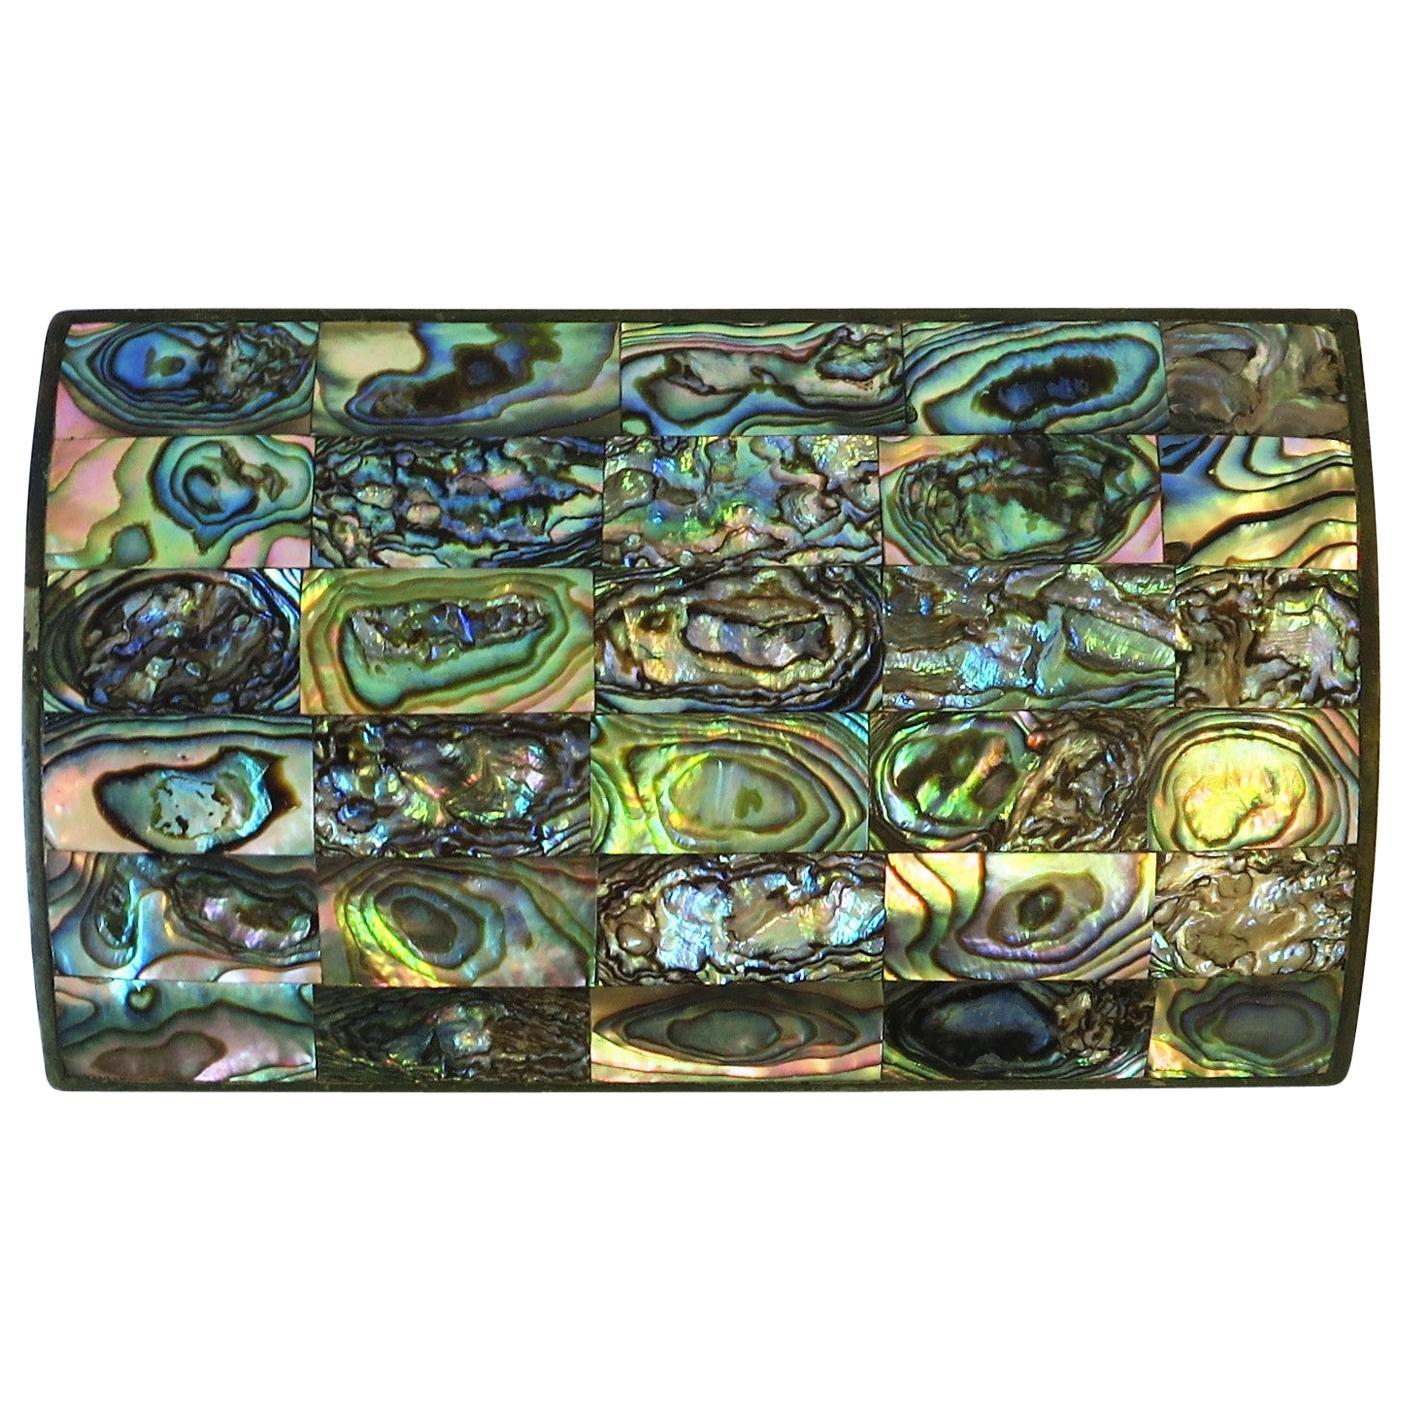 Abalone Seashell Jewelry or Decorative Box